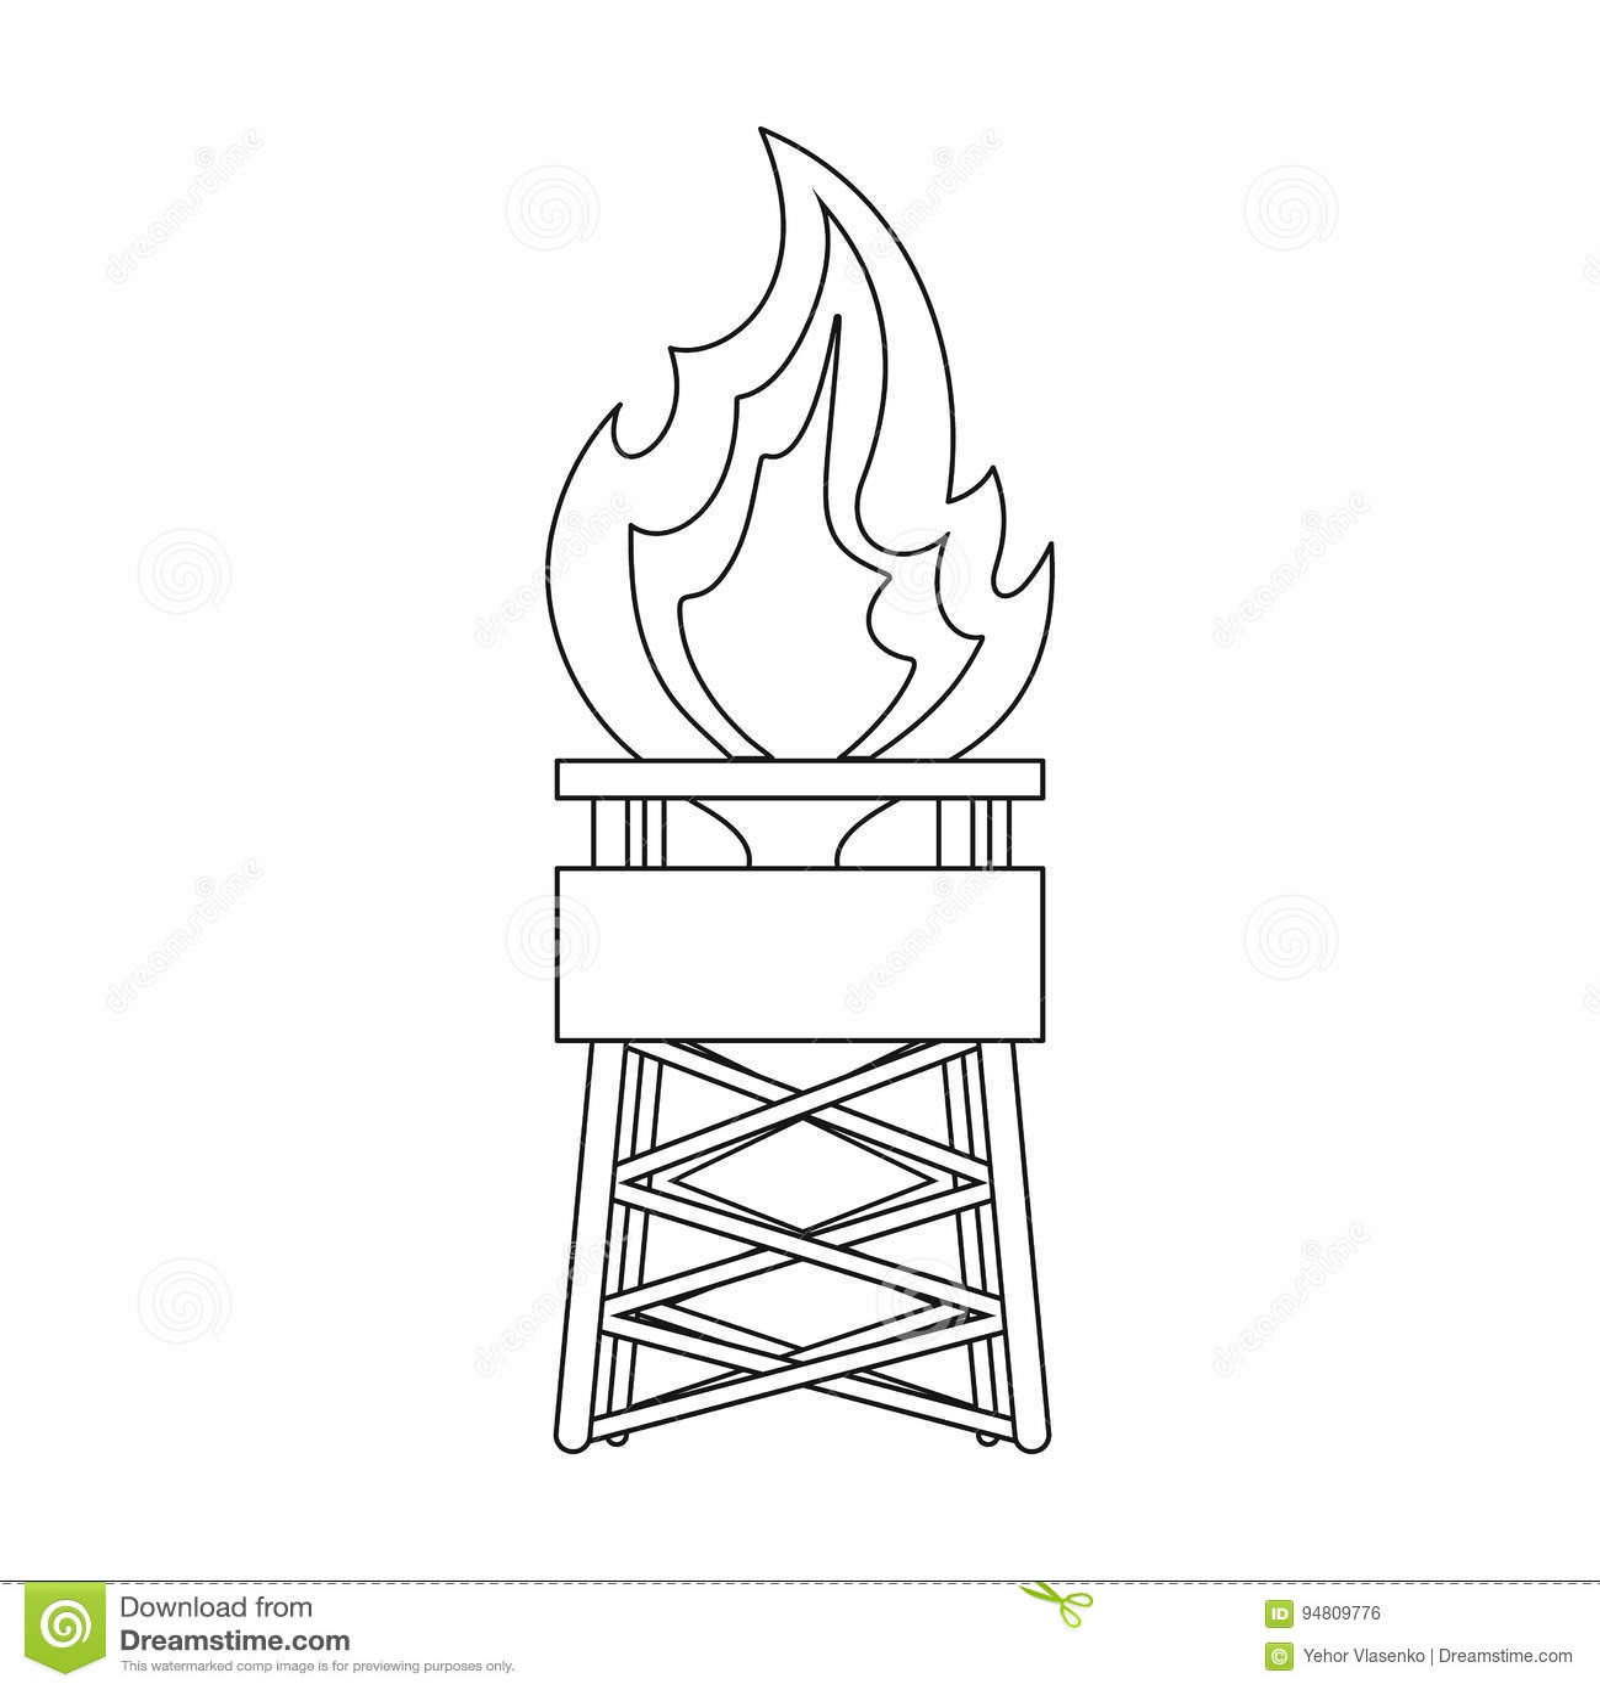 fuel cartoons  illustrations  u0026 vector stock images